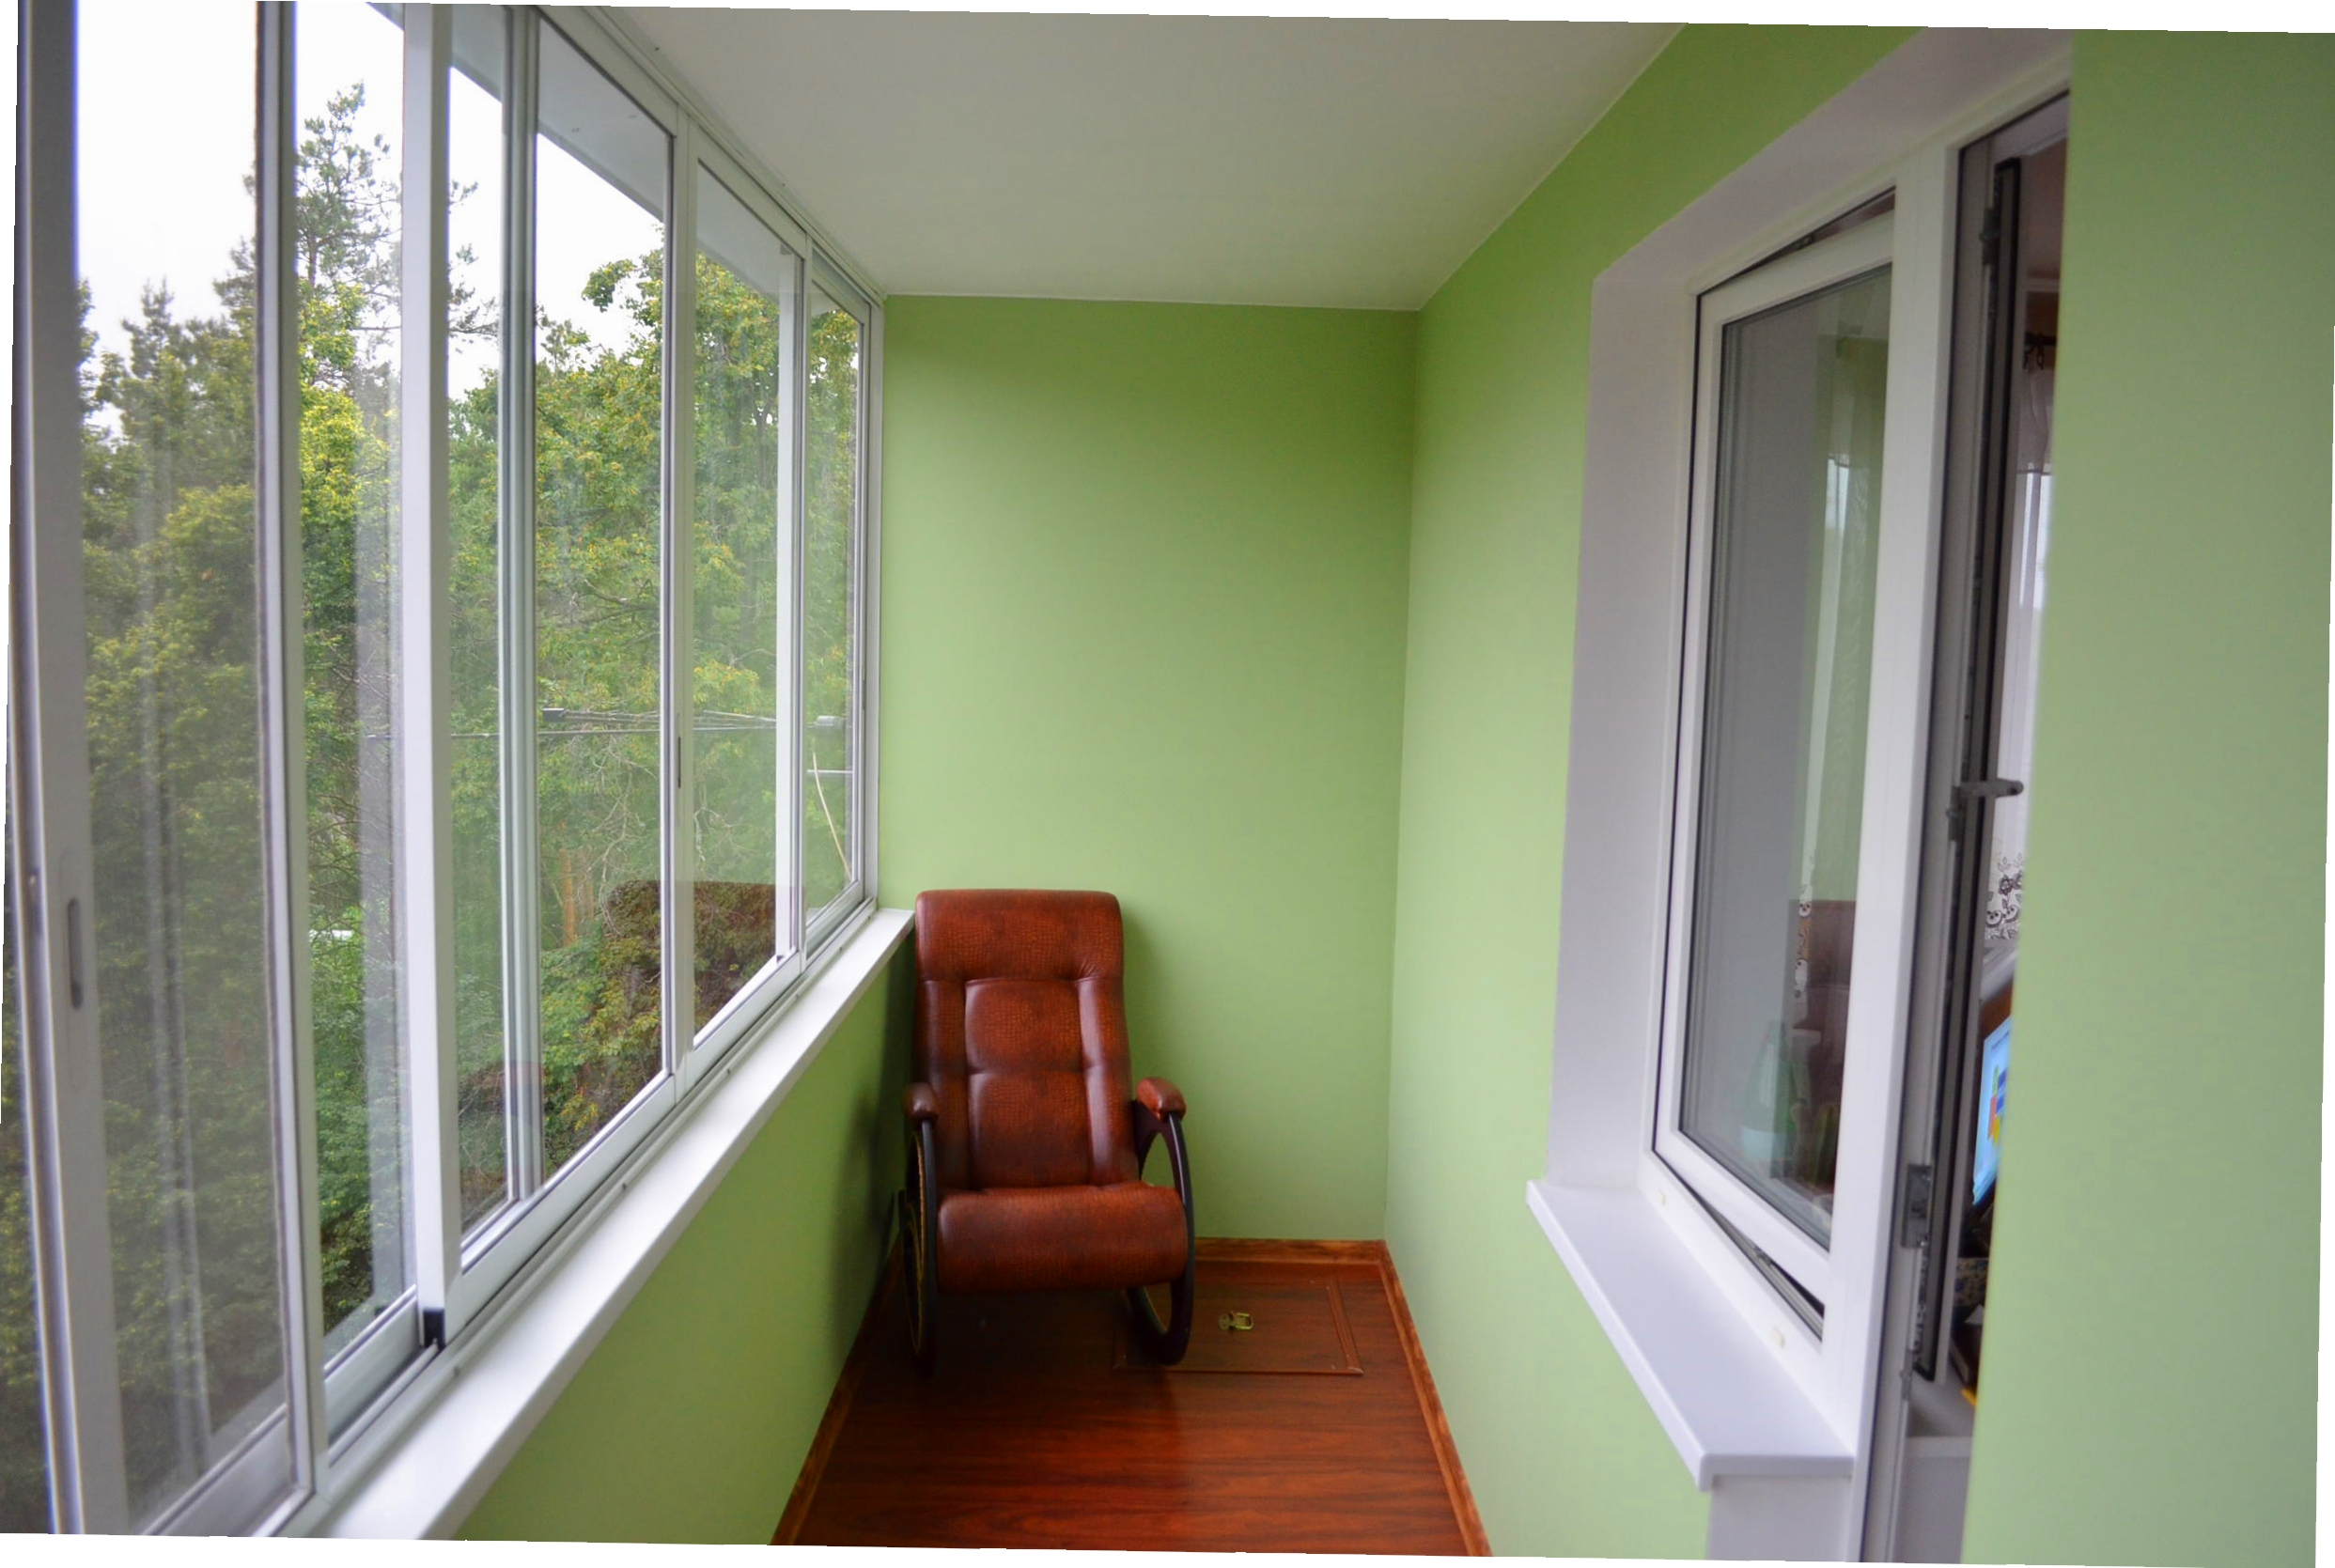 Просто та надійно: як власноруч обшити балкон гіпсокартоном